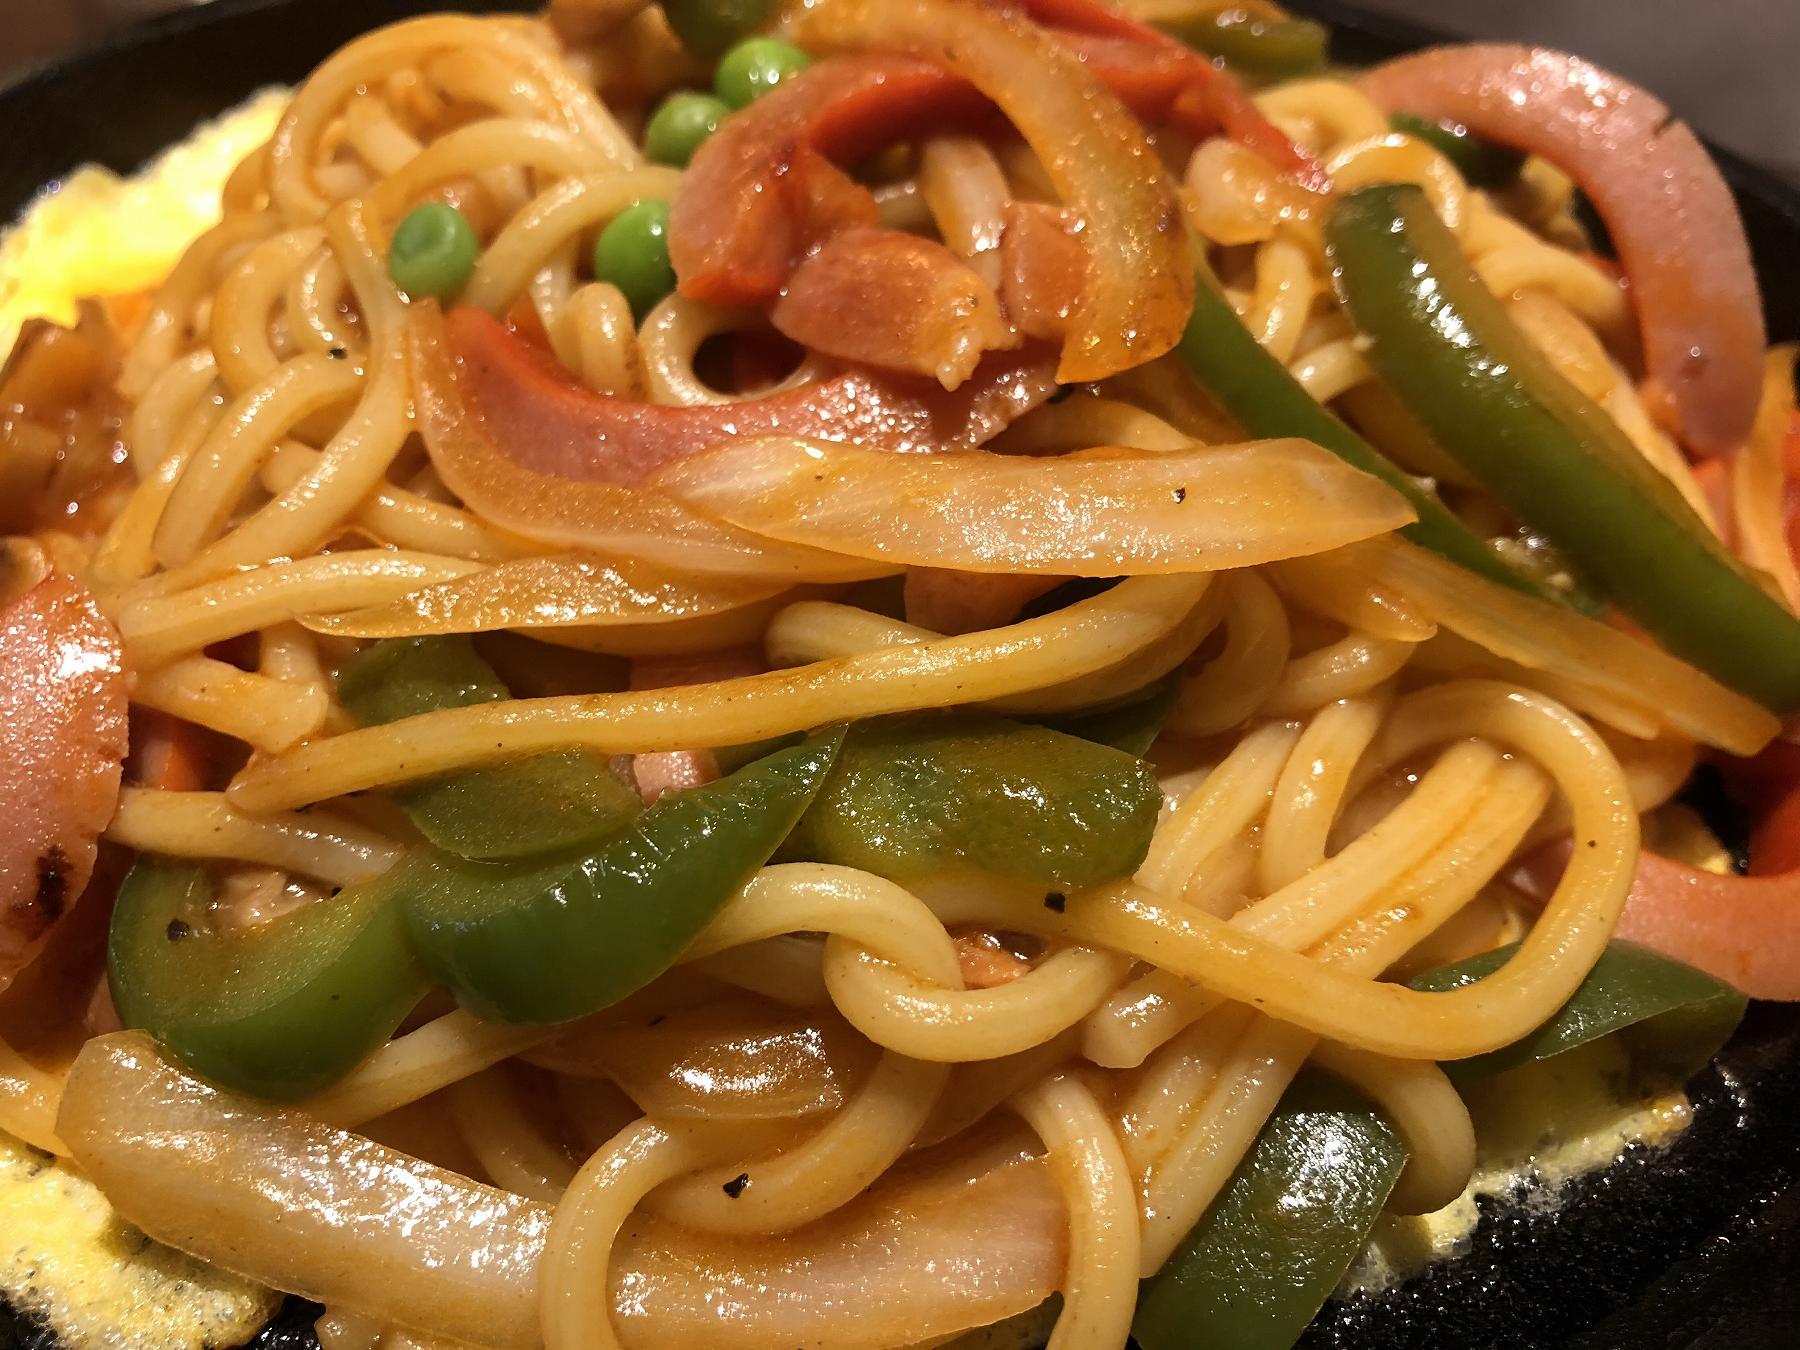 神戸・甲南にある洋食の「グリルスタンド」さんでアツアツの「俺の鉄板ナポリタン」を食べてみた! #洋食 #グリルスタンド #東灘区 #ナポリタン